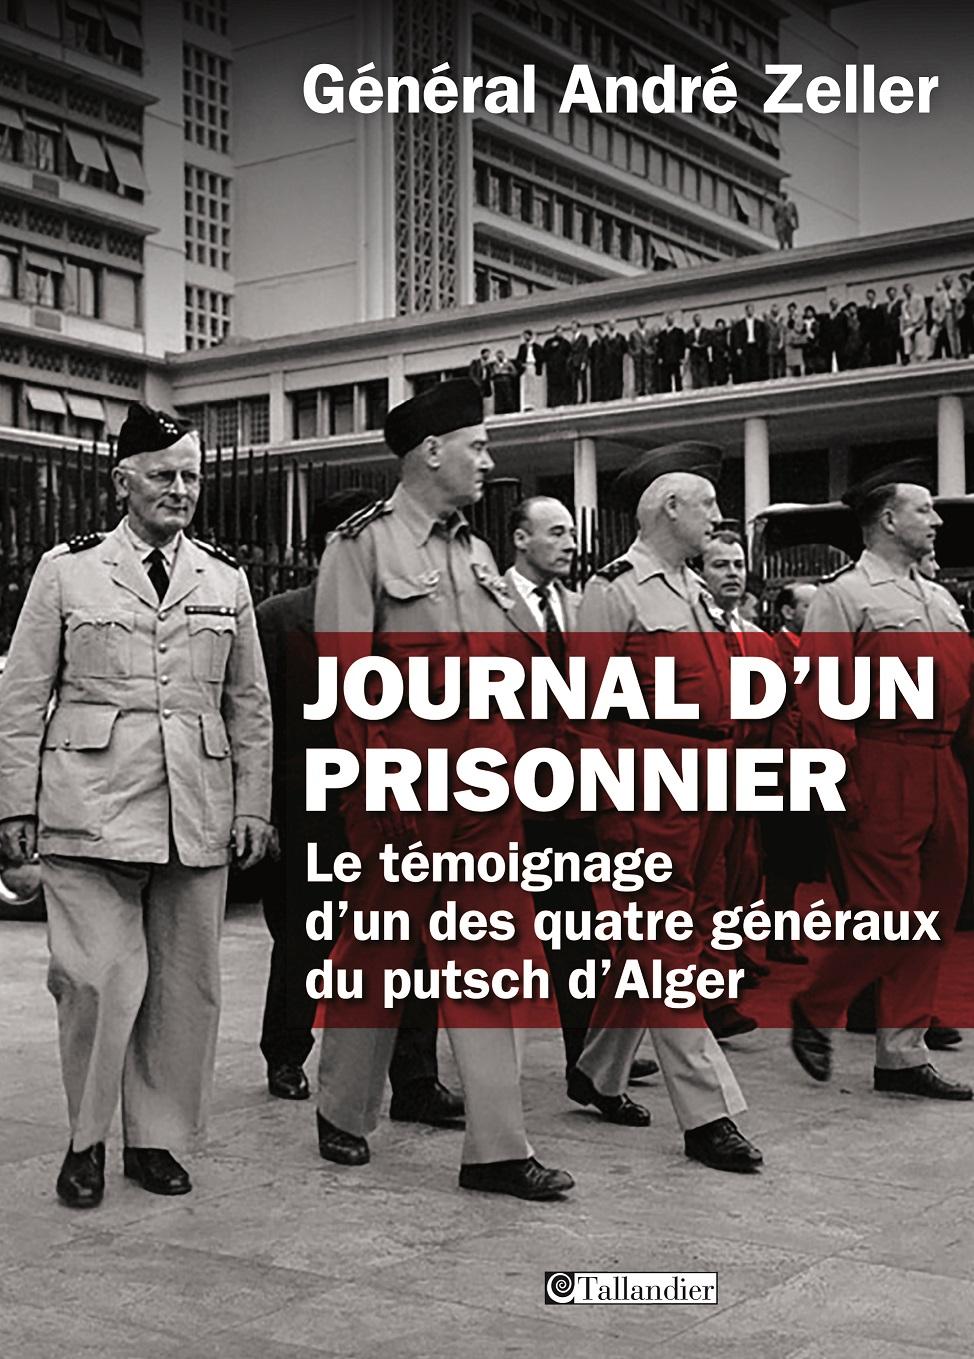 L'histoire du putsch d'Alger dans sa vérité et sa noblesse